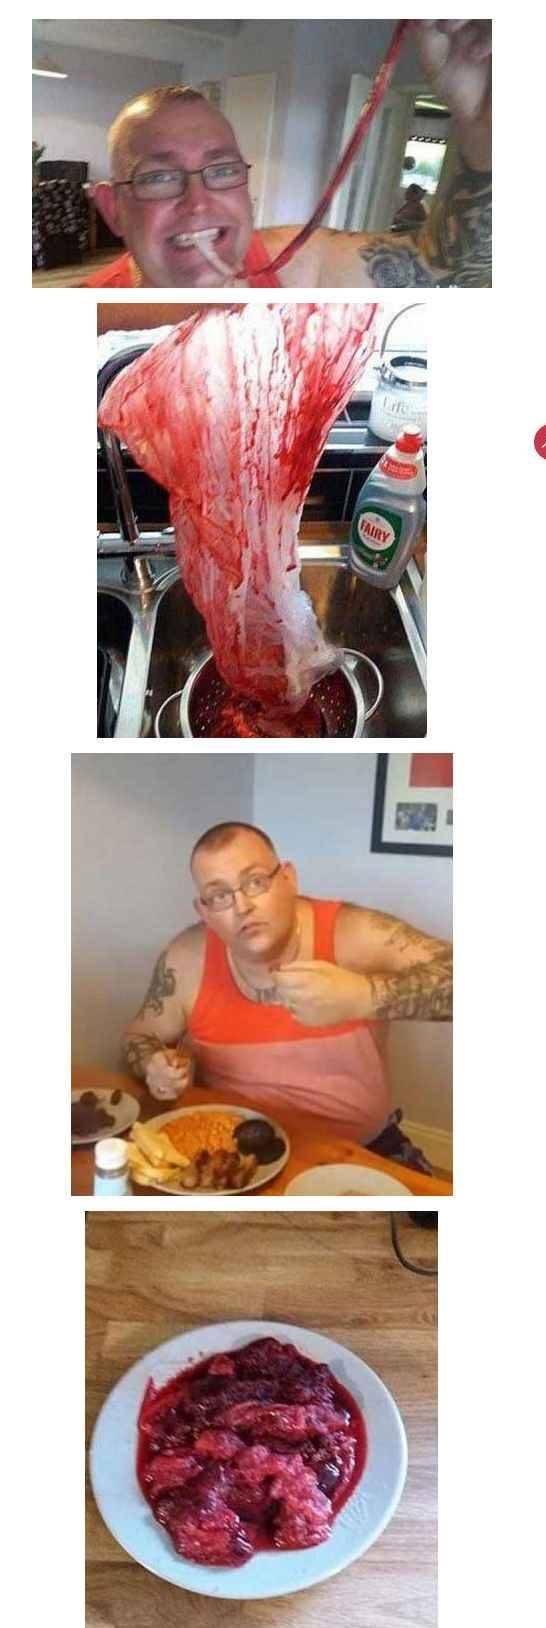 مردی دیوانه جفت جنین همسرش را با میل فراوان خورد! +عکس